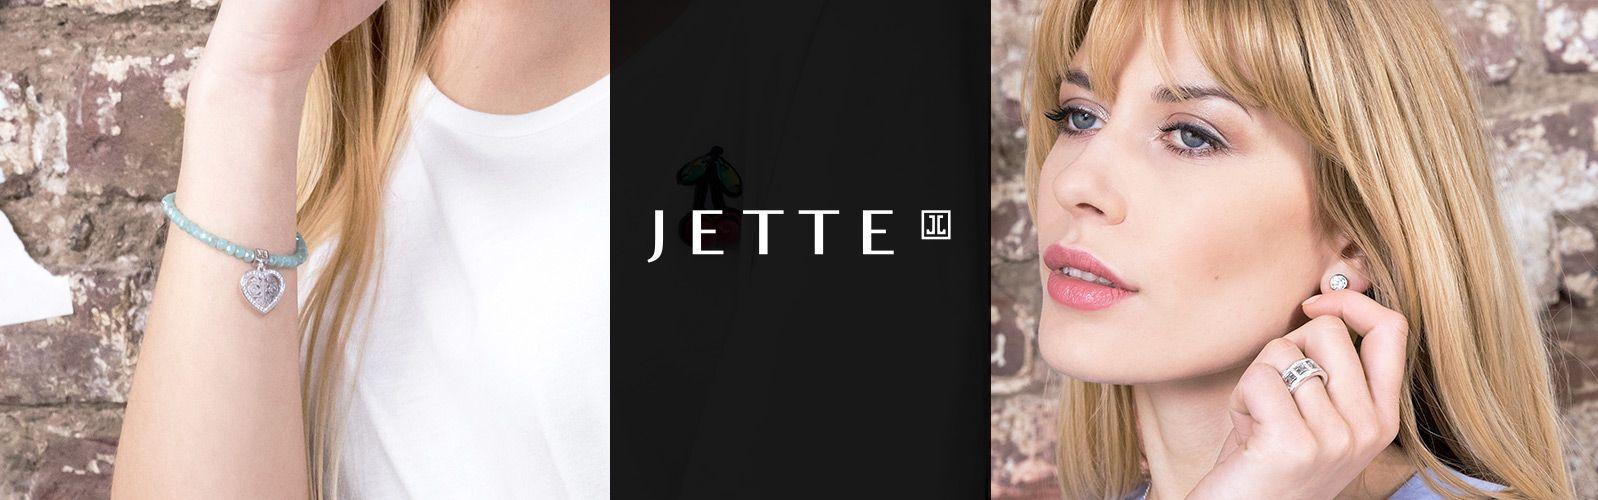 JETTE Schmuck